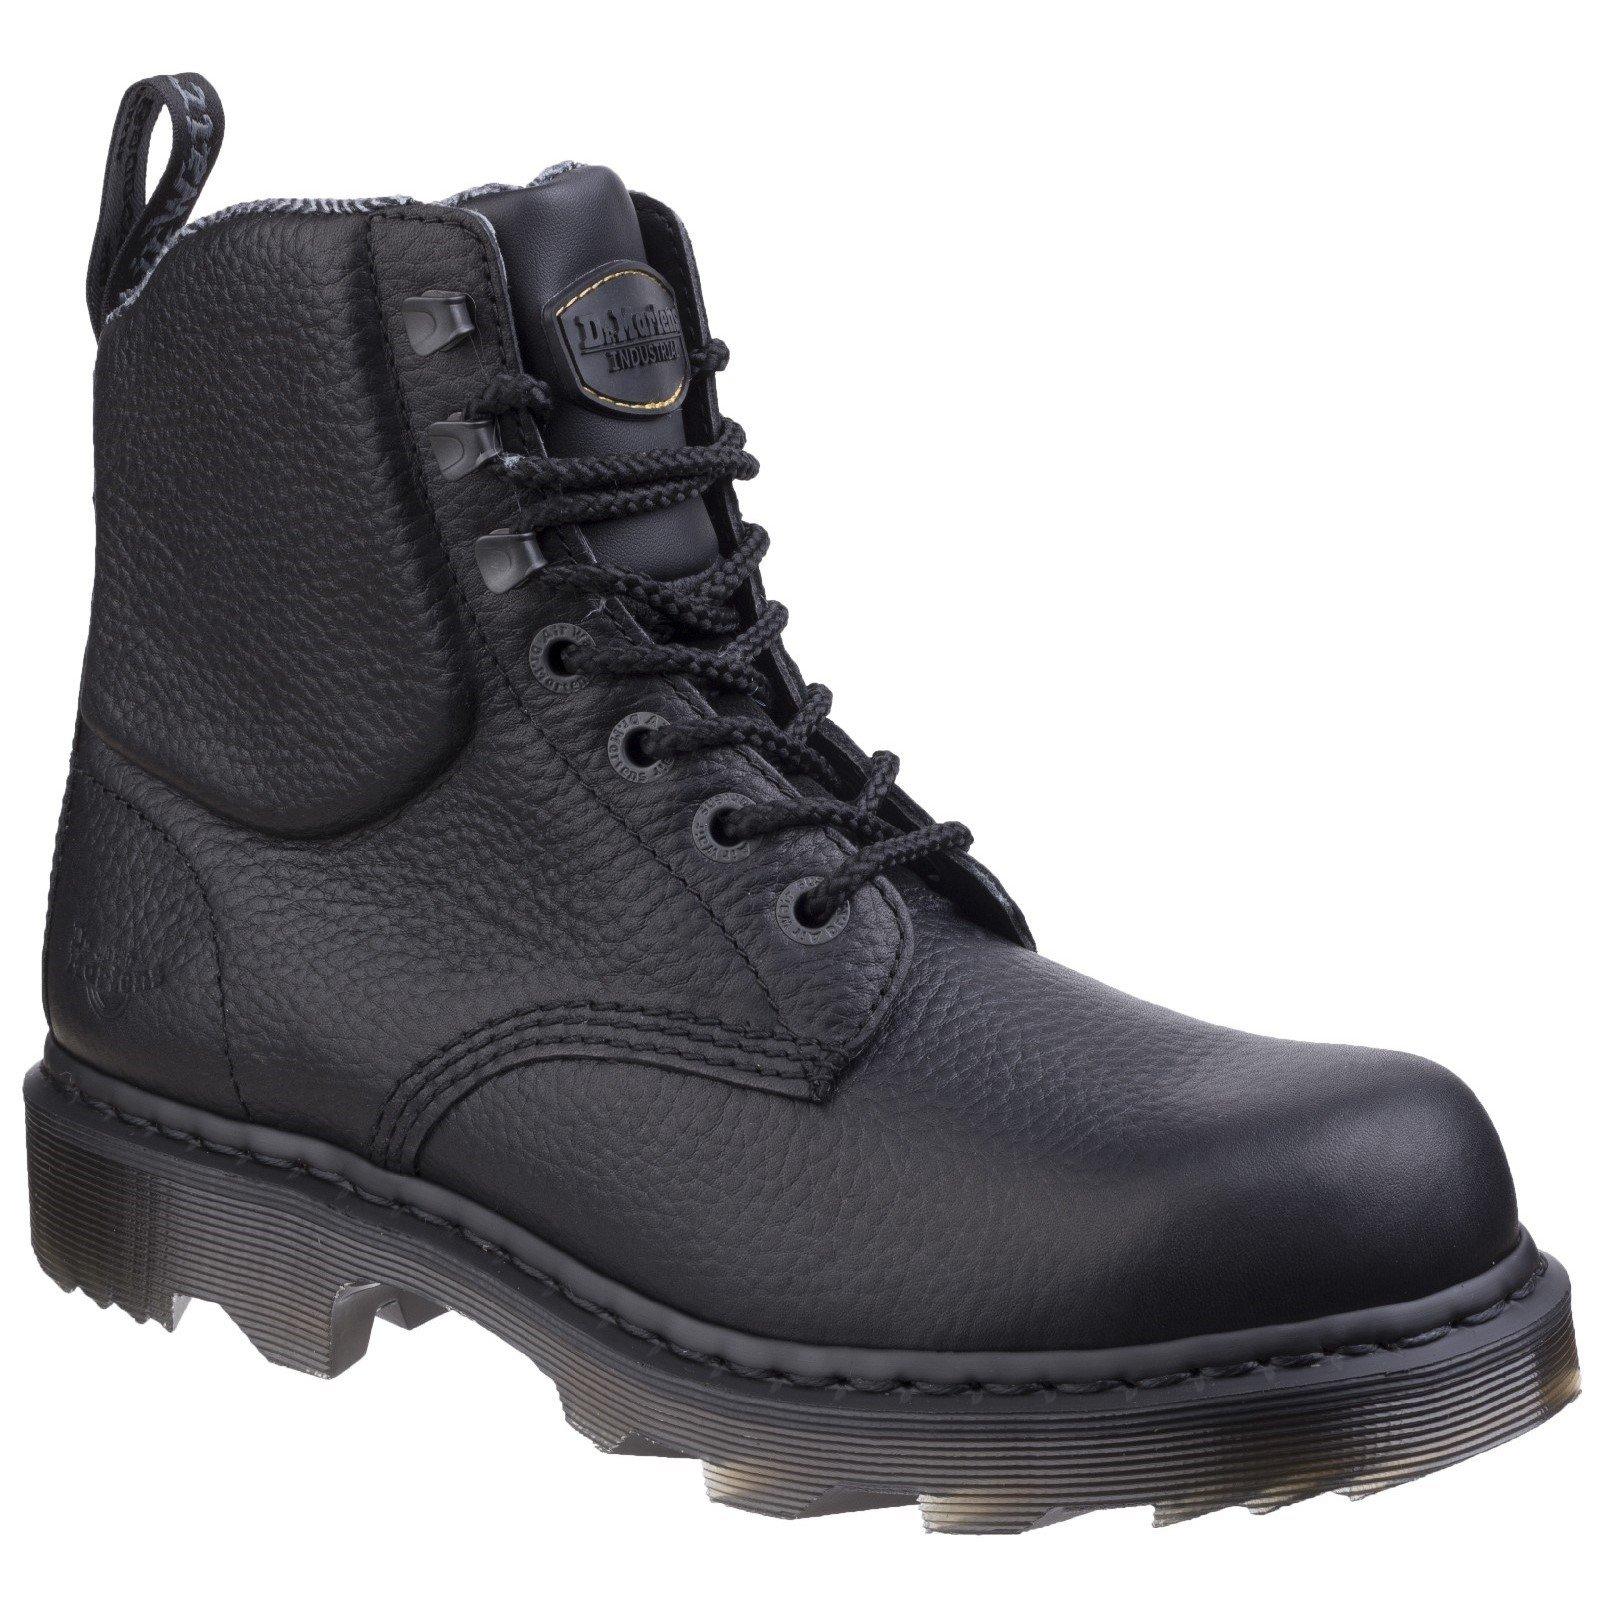 Dr Martens Unisex Calshott Service Boot Black 26024-43394 - Black 9